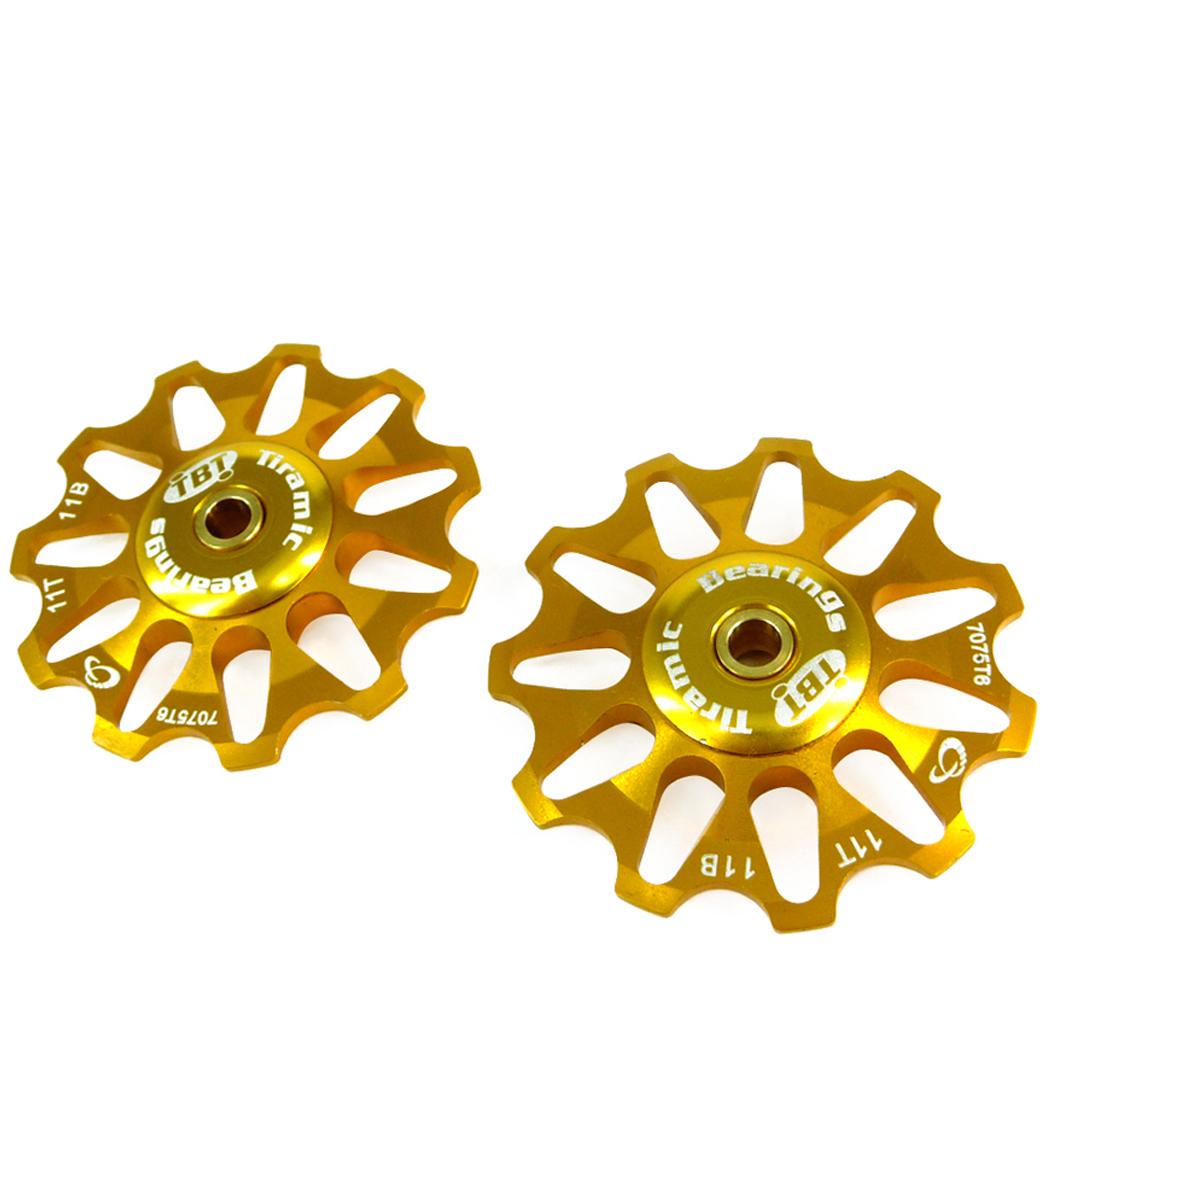 Galets de dérailleur Token 11 dents comp. Shimano/Campagnolo/SRAM XO roulements céramique Or